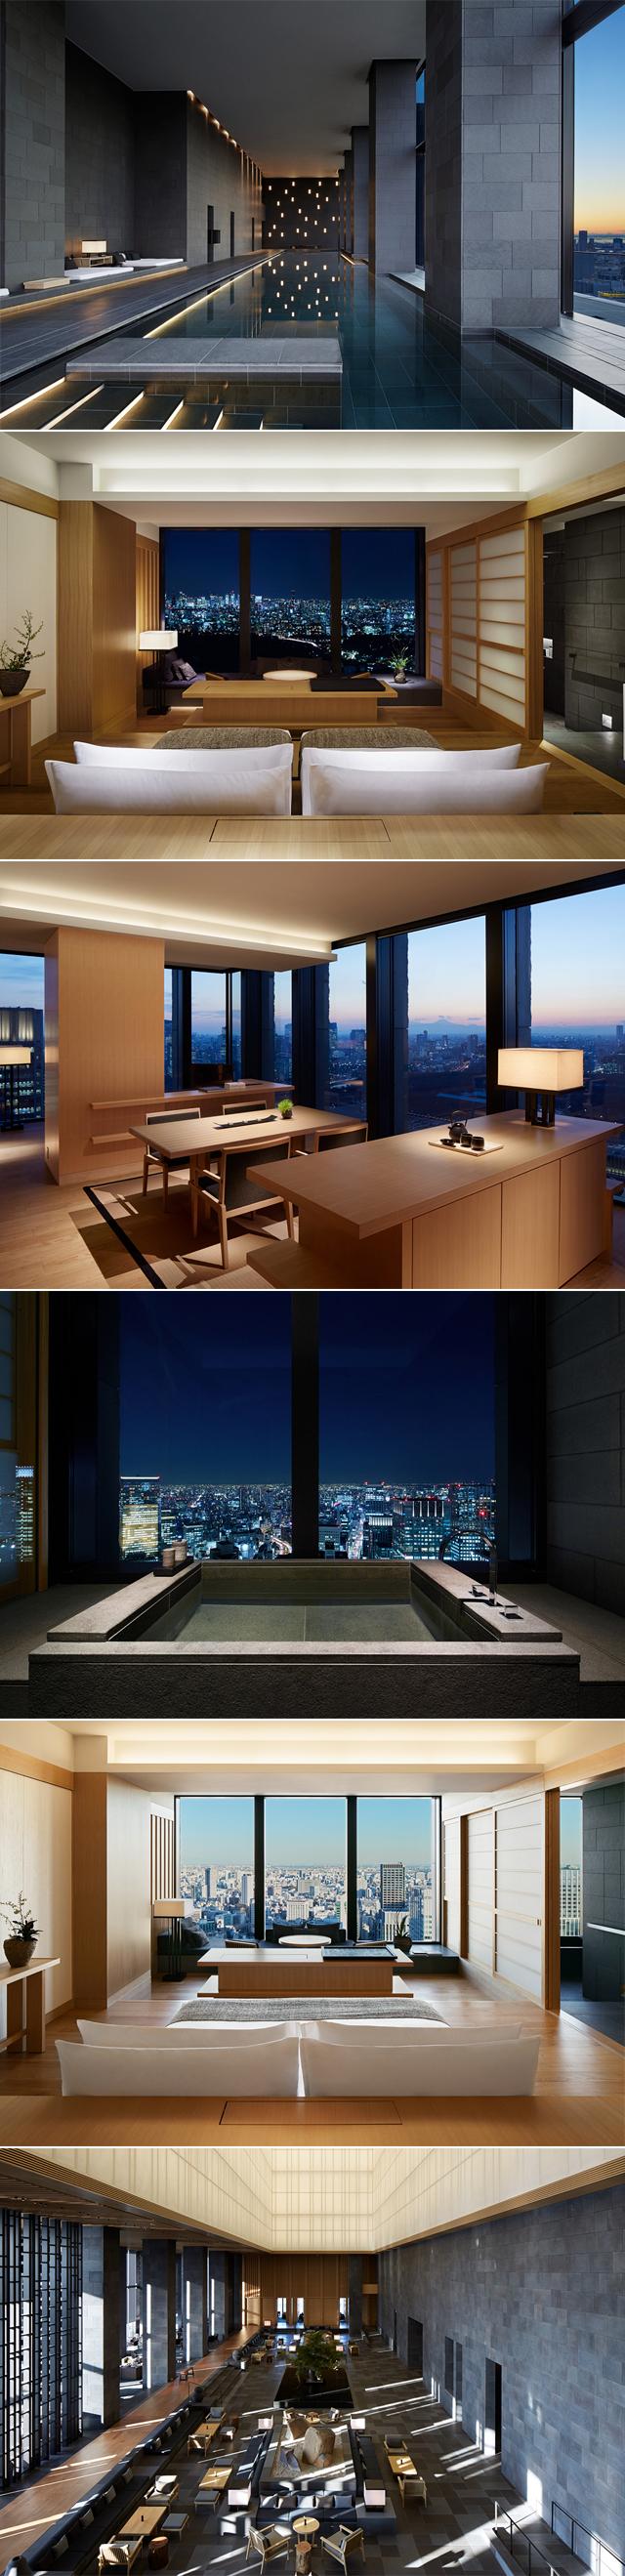 tokyo hotel2